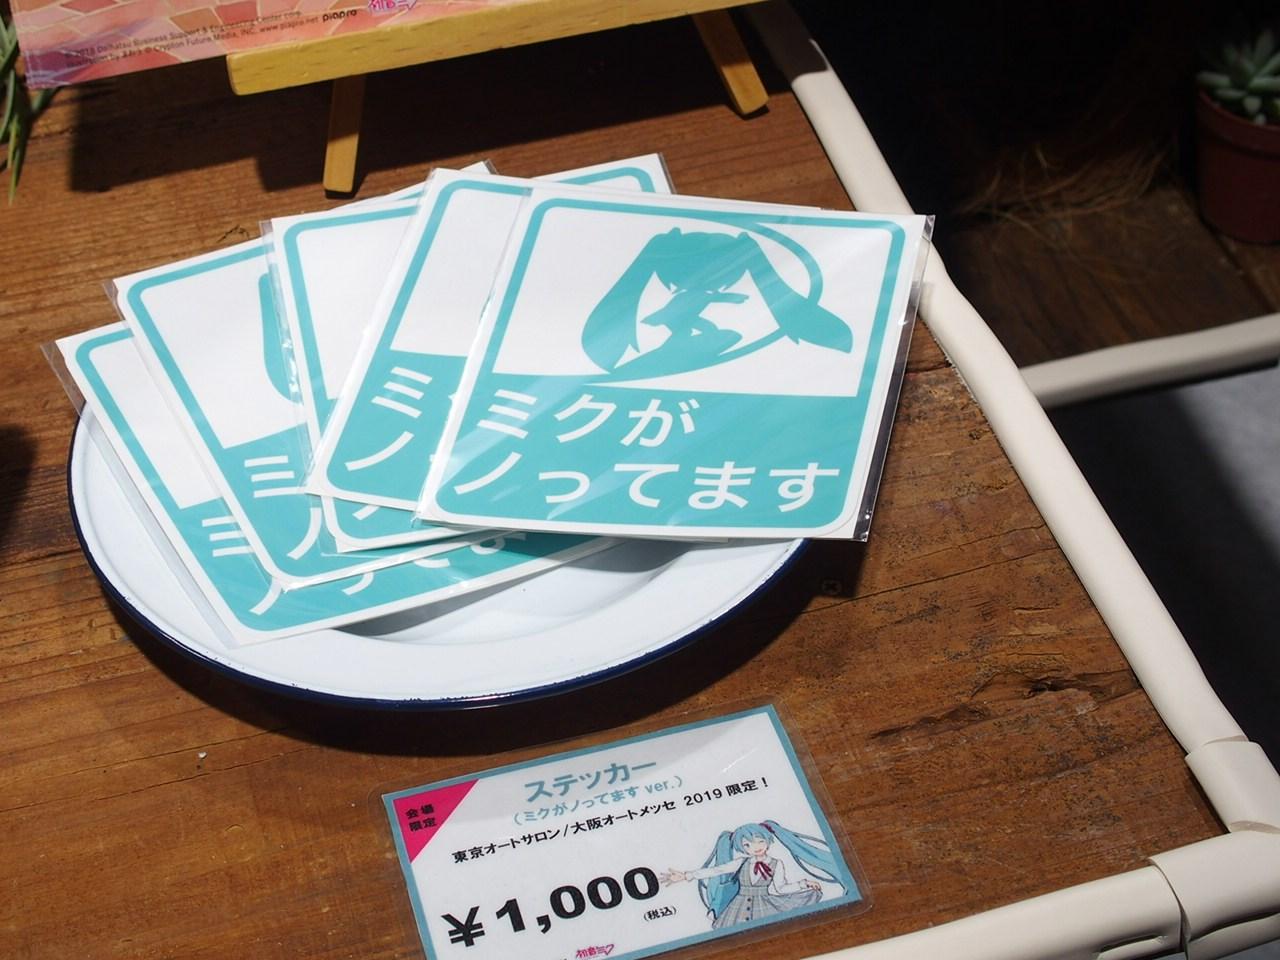 【東京オートサロン2019】今後のダイハツに期待大。TASブースの意外なはっちゃけ感に驚いた